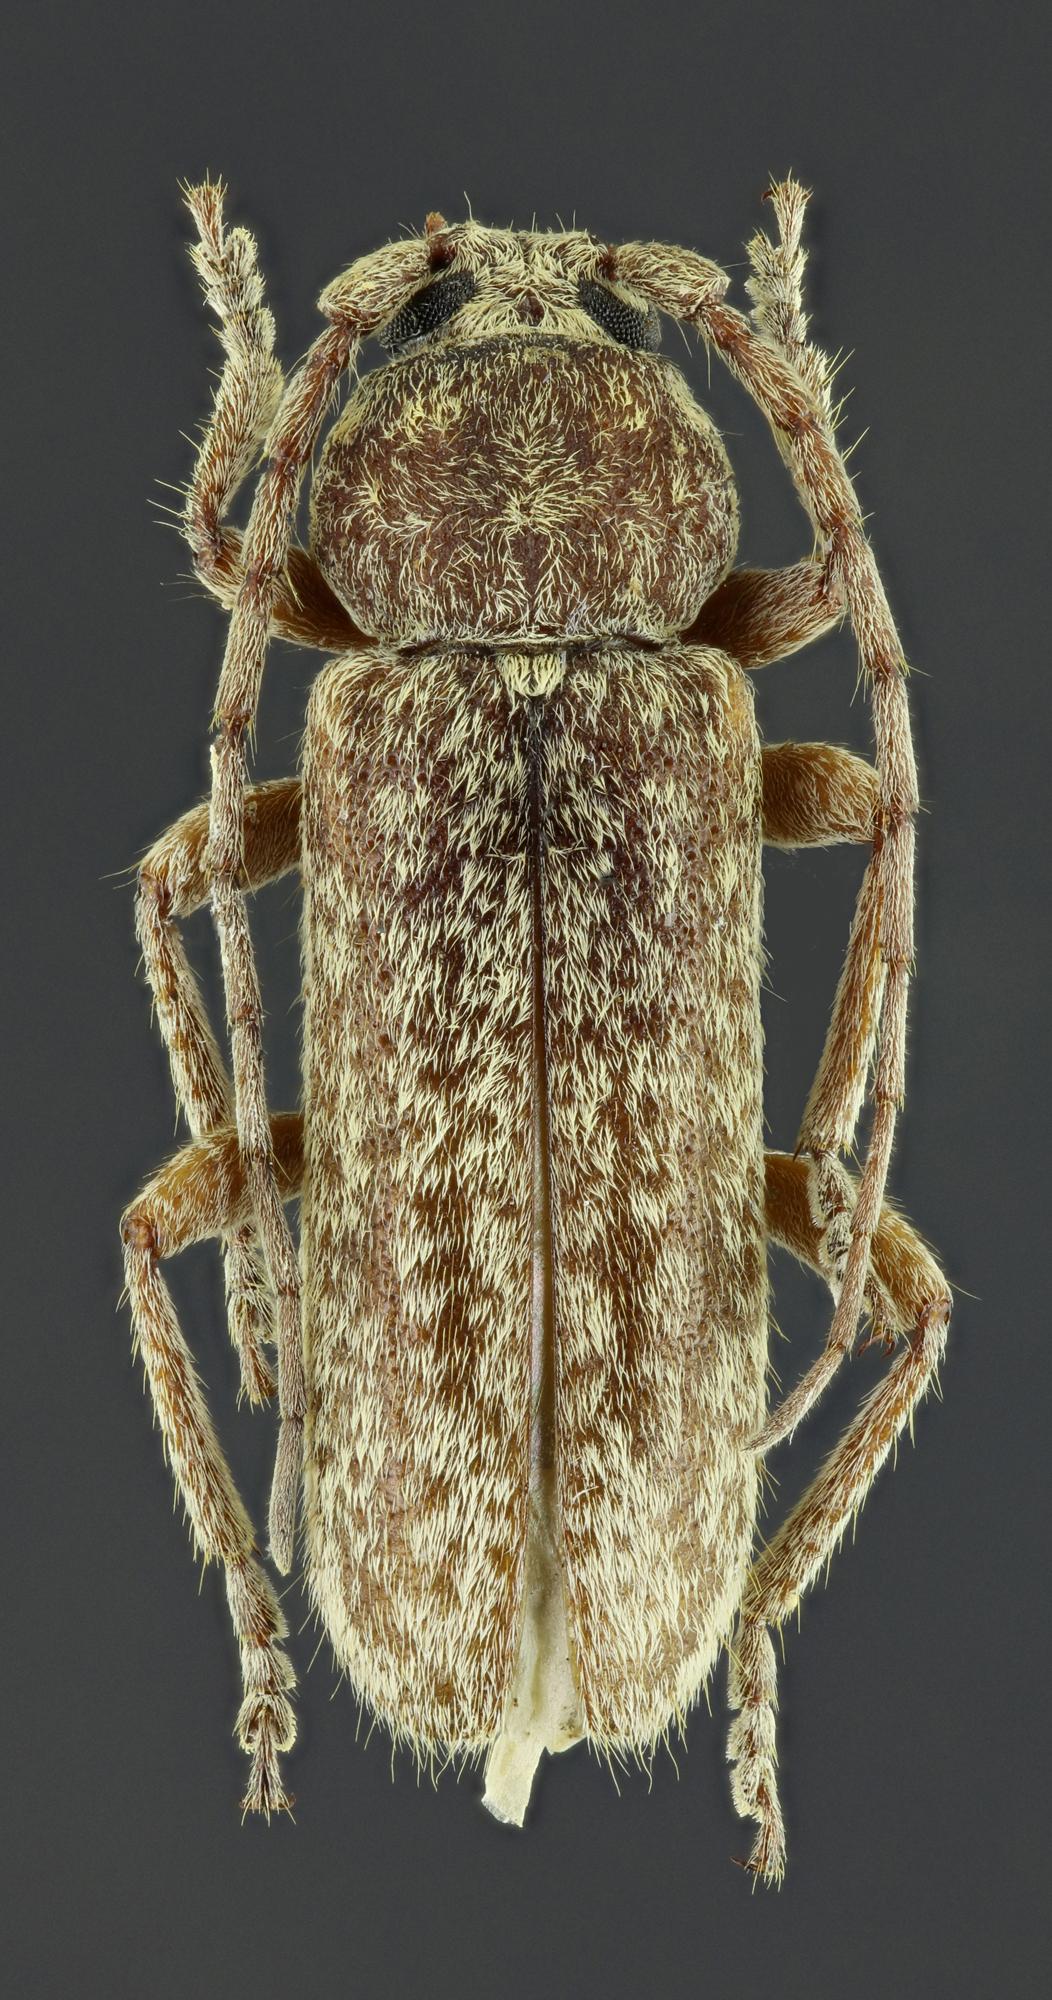 Trichoferus fasciculatus 39425zs42.jpg